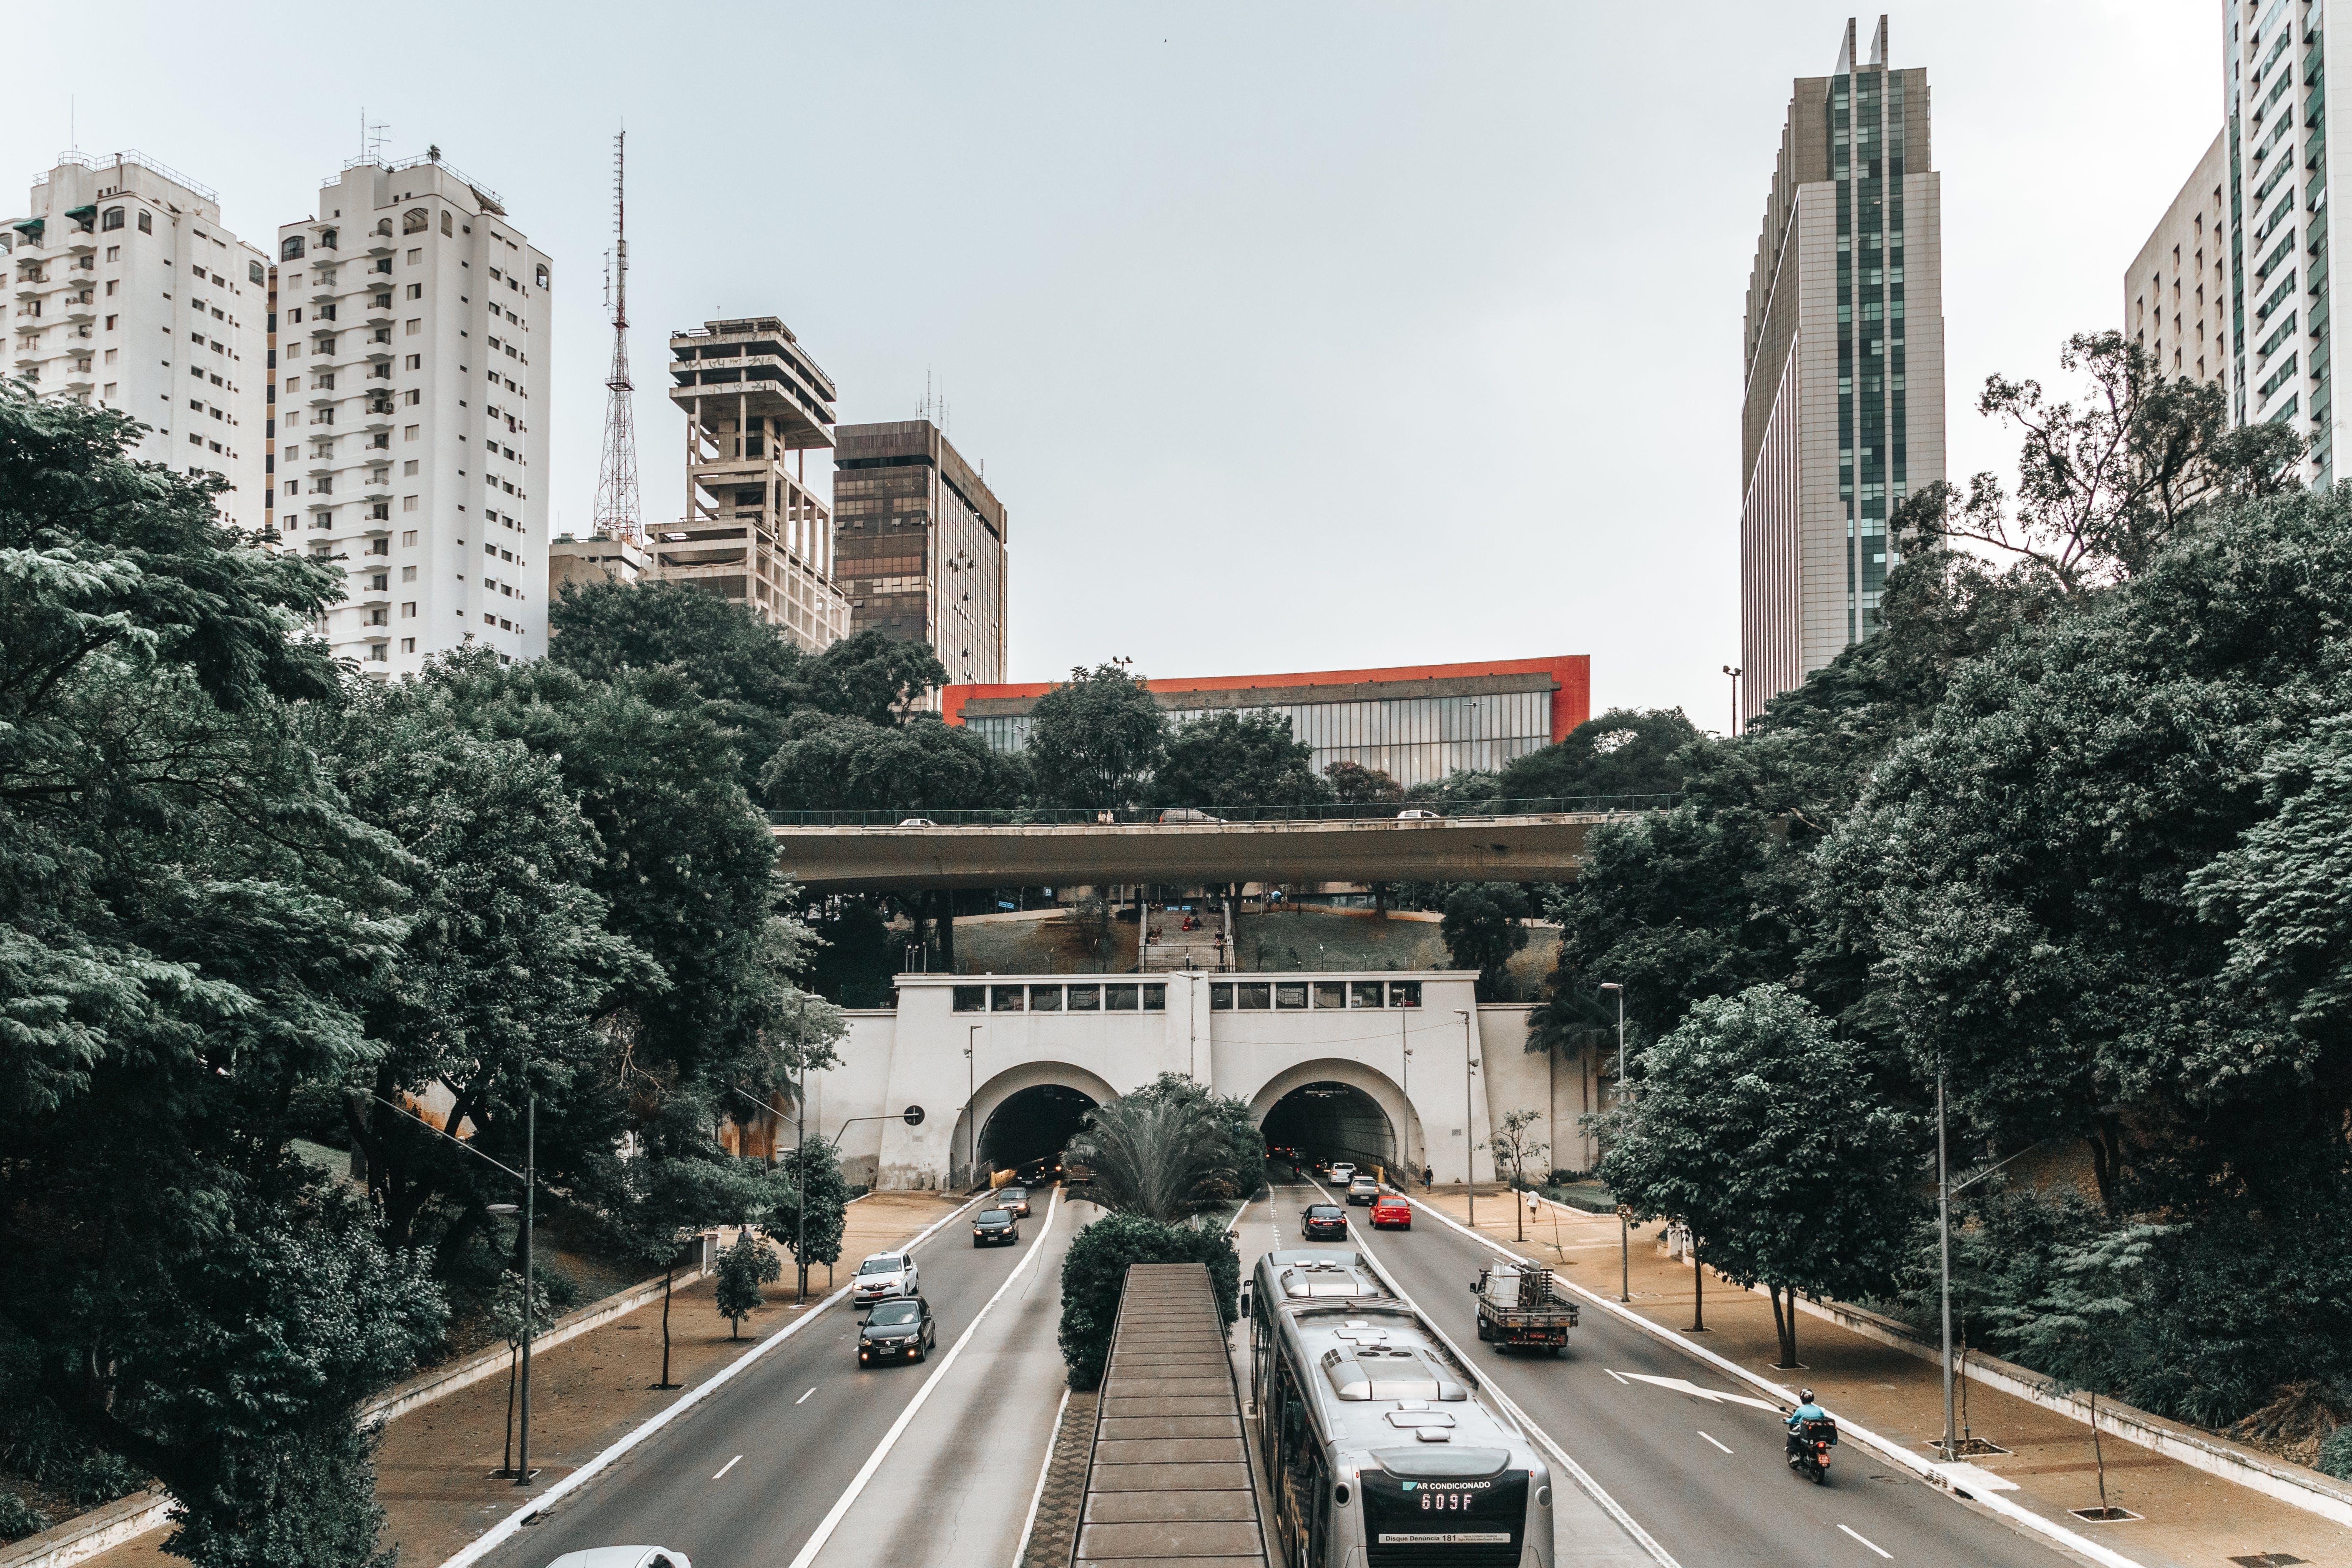 Gray Bus at Road